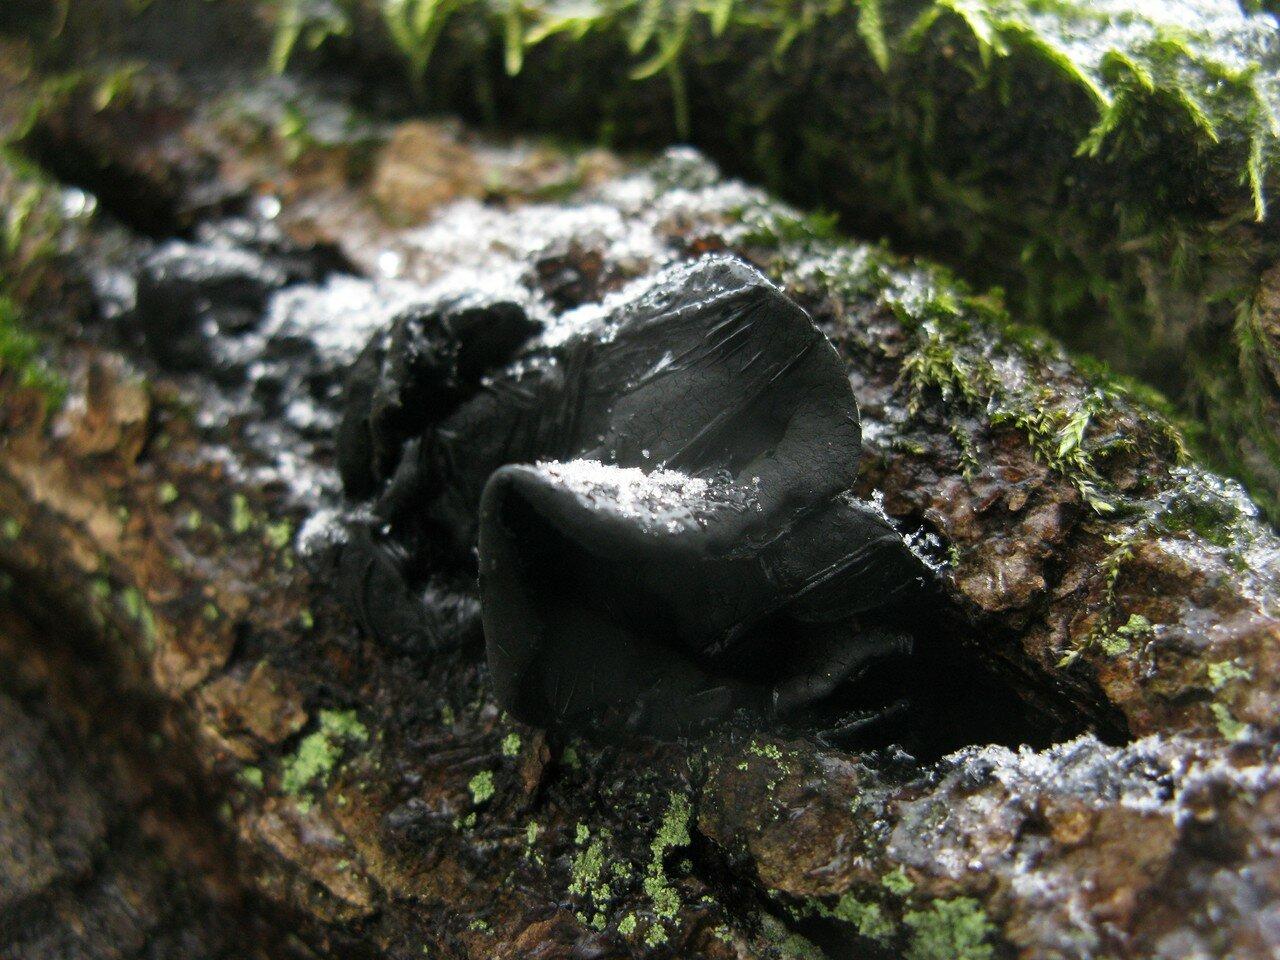 Булгария пачкающая (Bulgaria inquinans) Автор фото: Станислав Кривошеев